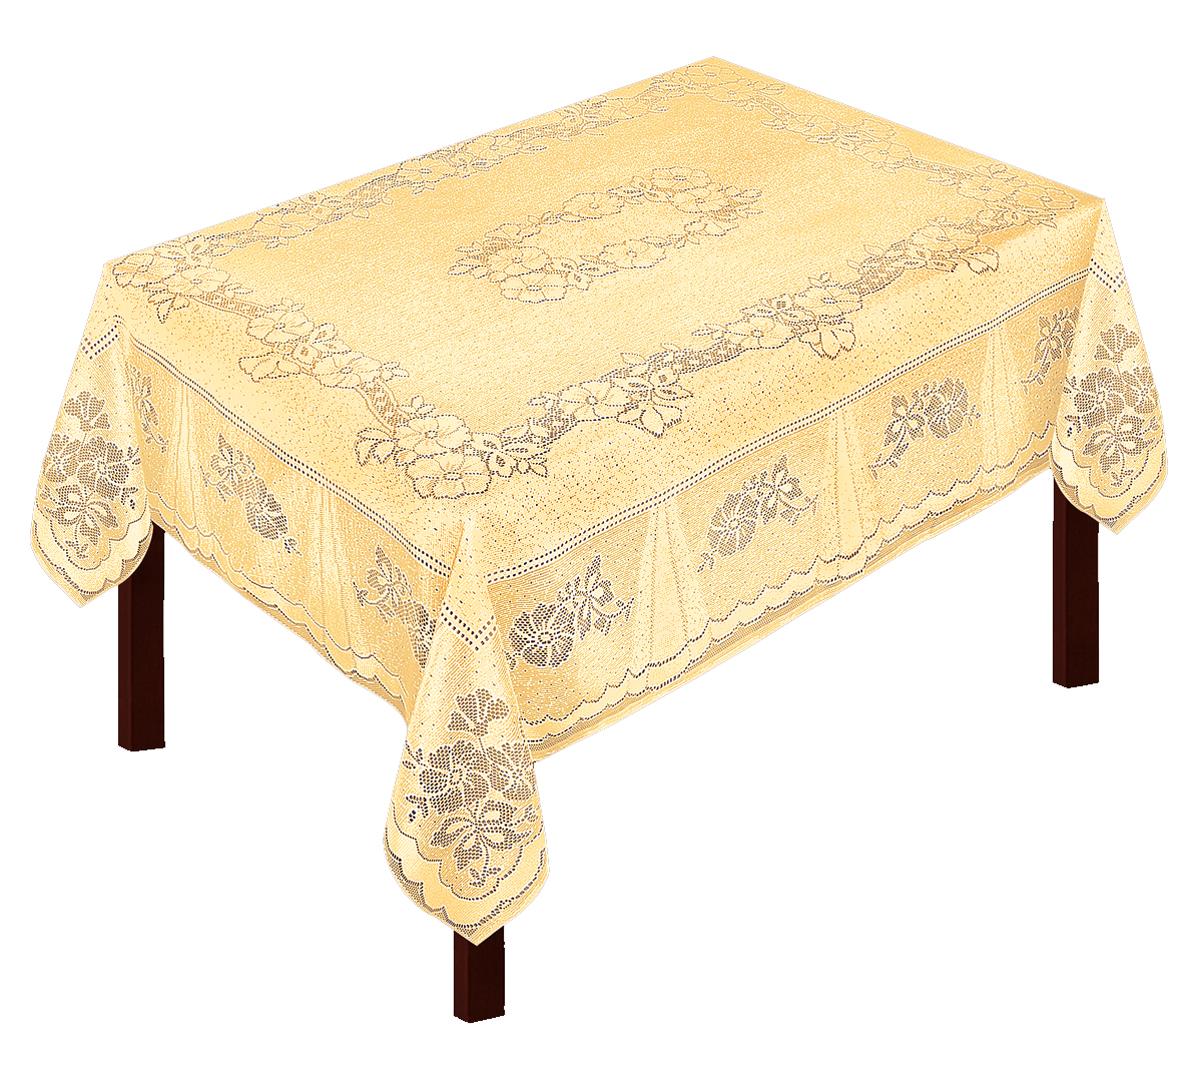 Скатерть Zlata Korunka, прямоугольная, цвет: золотистый, 175 х 150 см531-401Скатерть выполнена из полиэстера жаккардового переплетения, не скользит со стола, легко стирается и прослужит Вам долгое время.